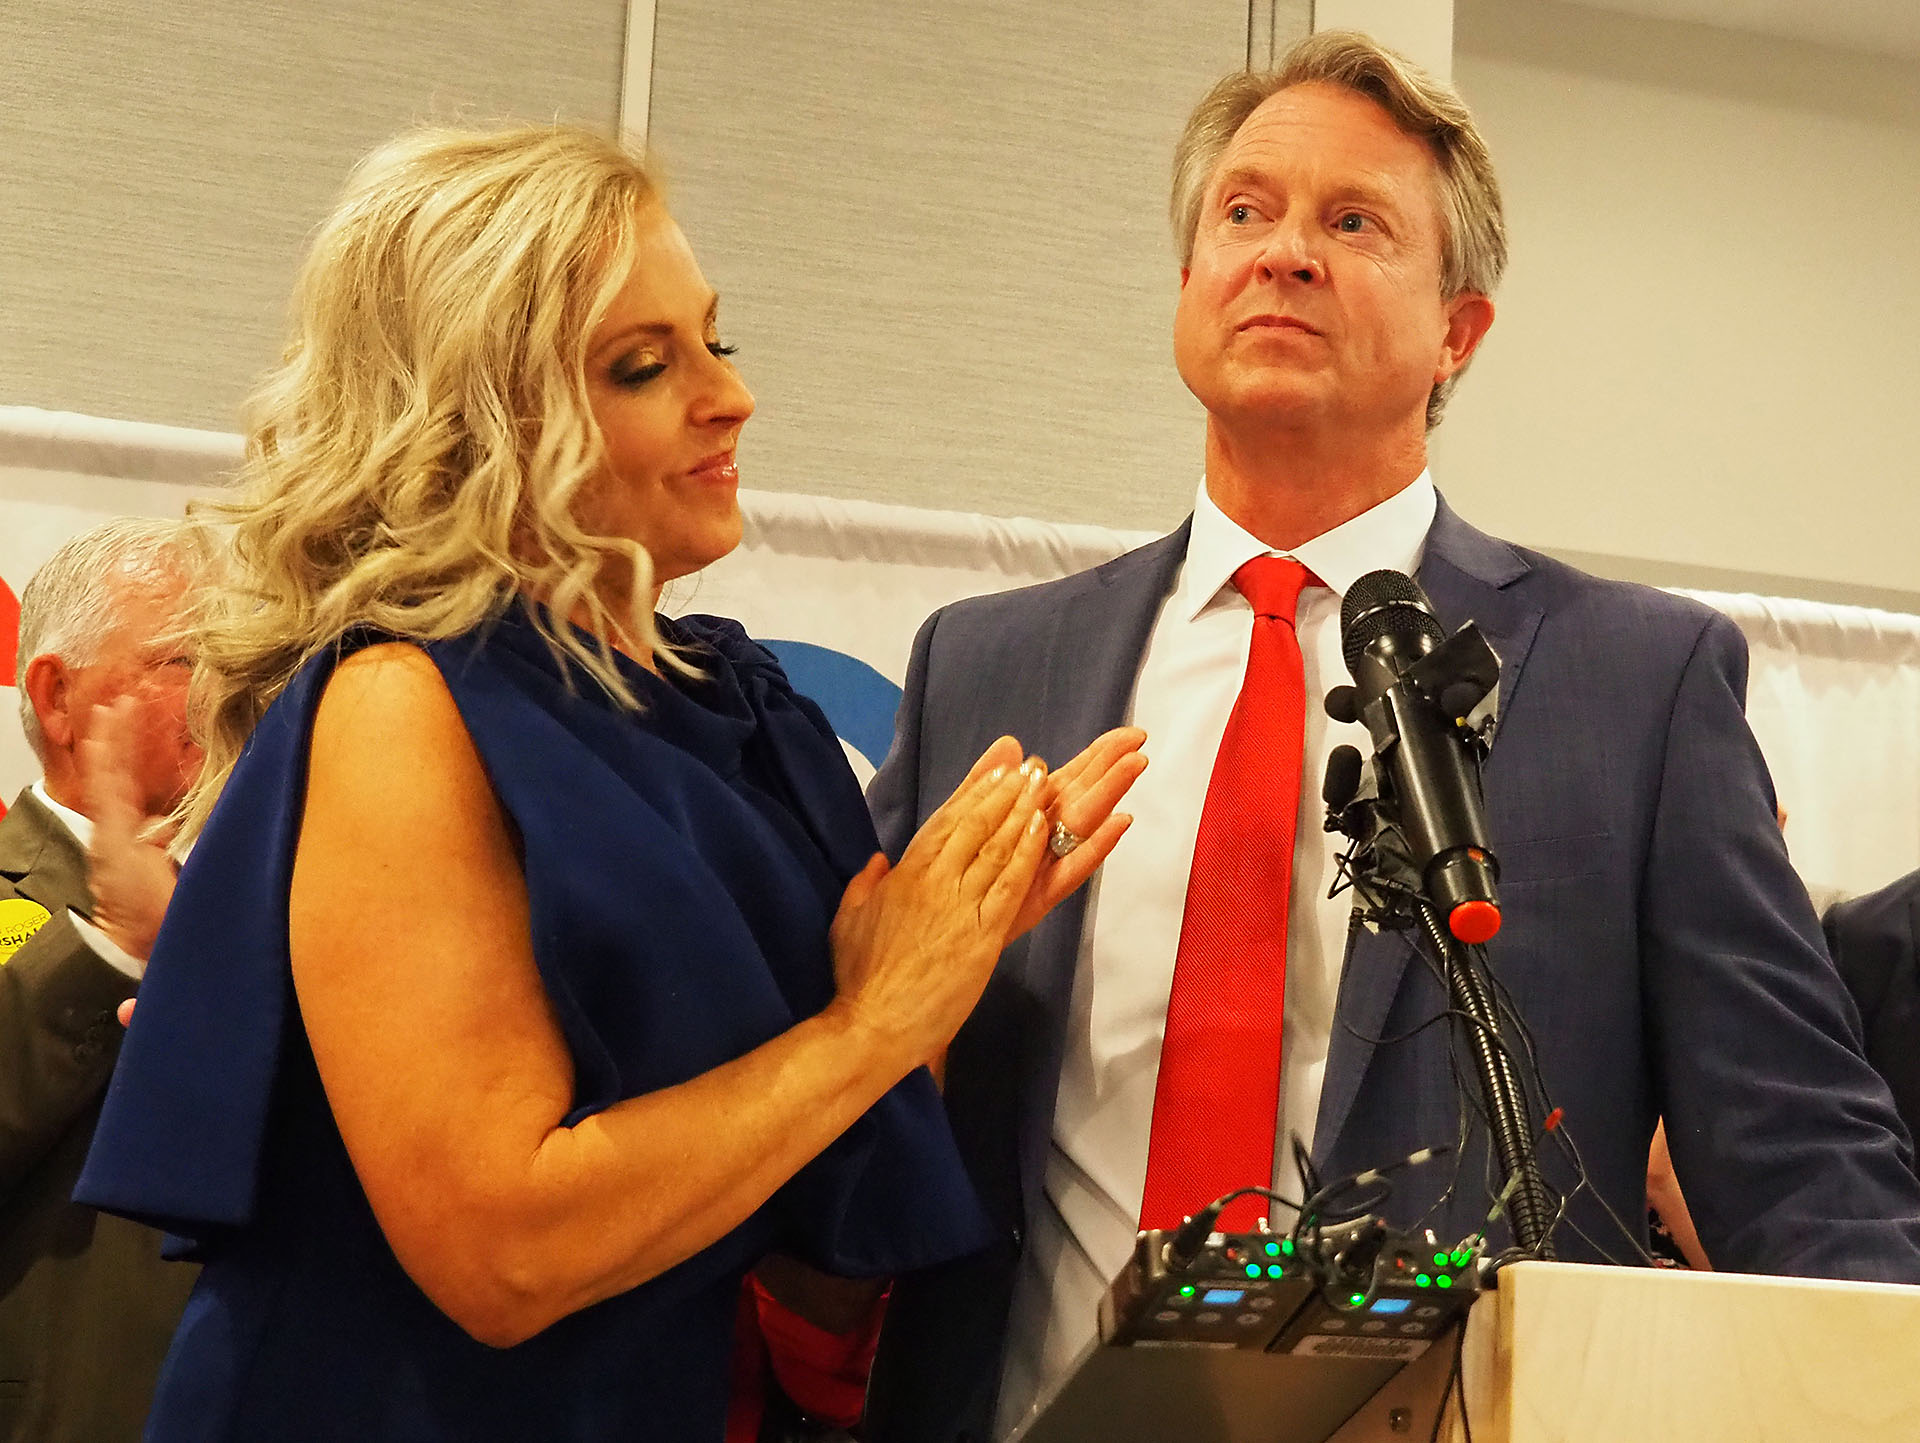 Republican Marshall prevails in bruising U.S. Senate race against Democrat Bollier